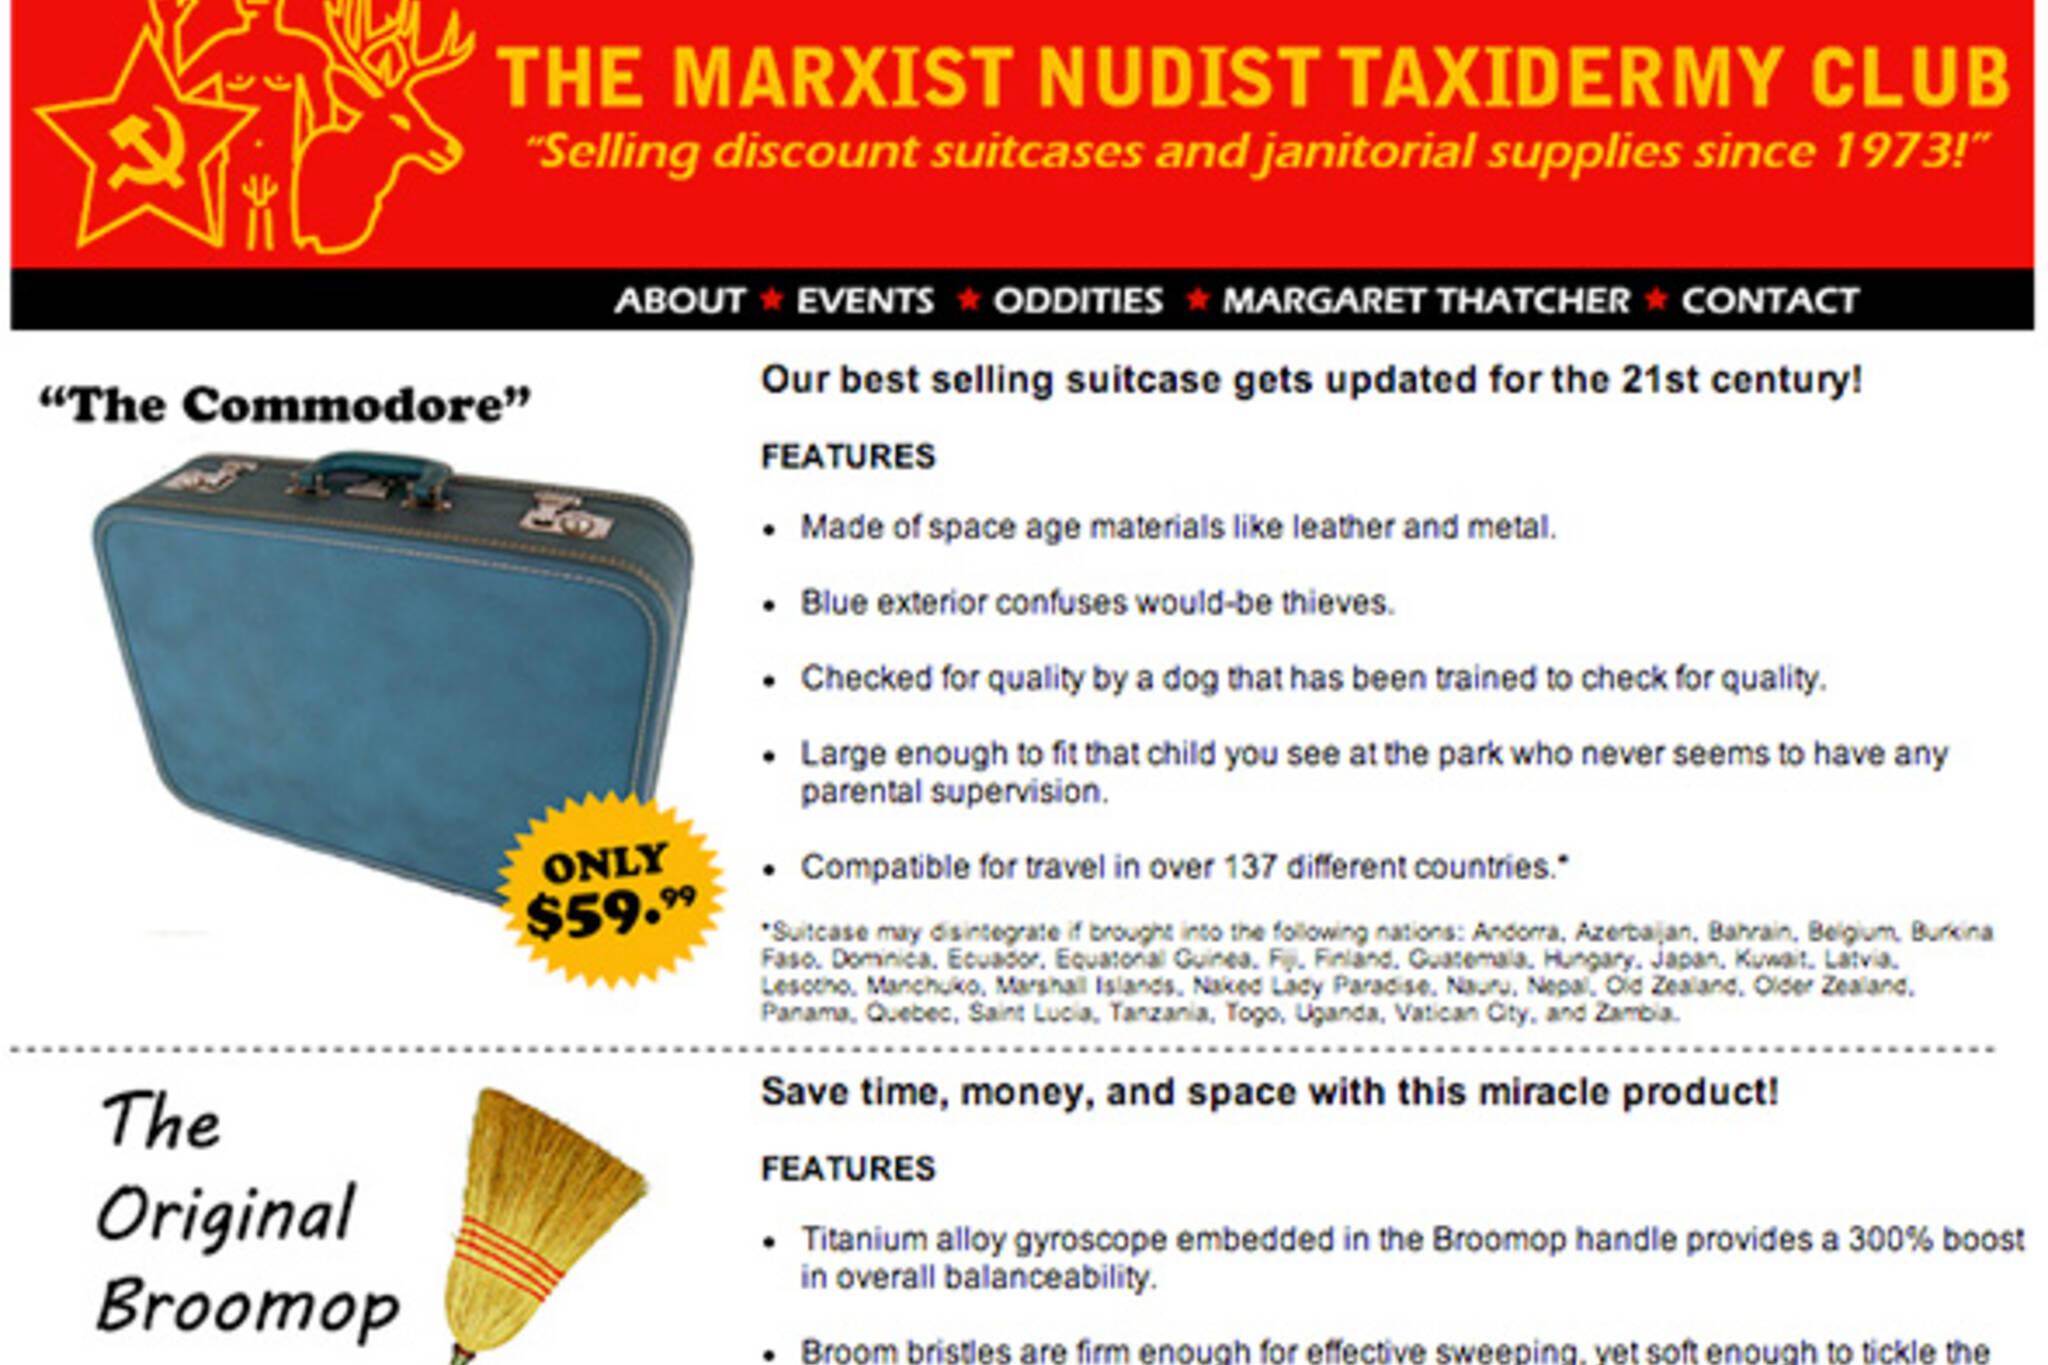 Nudist Marxist Taxidermy Club